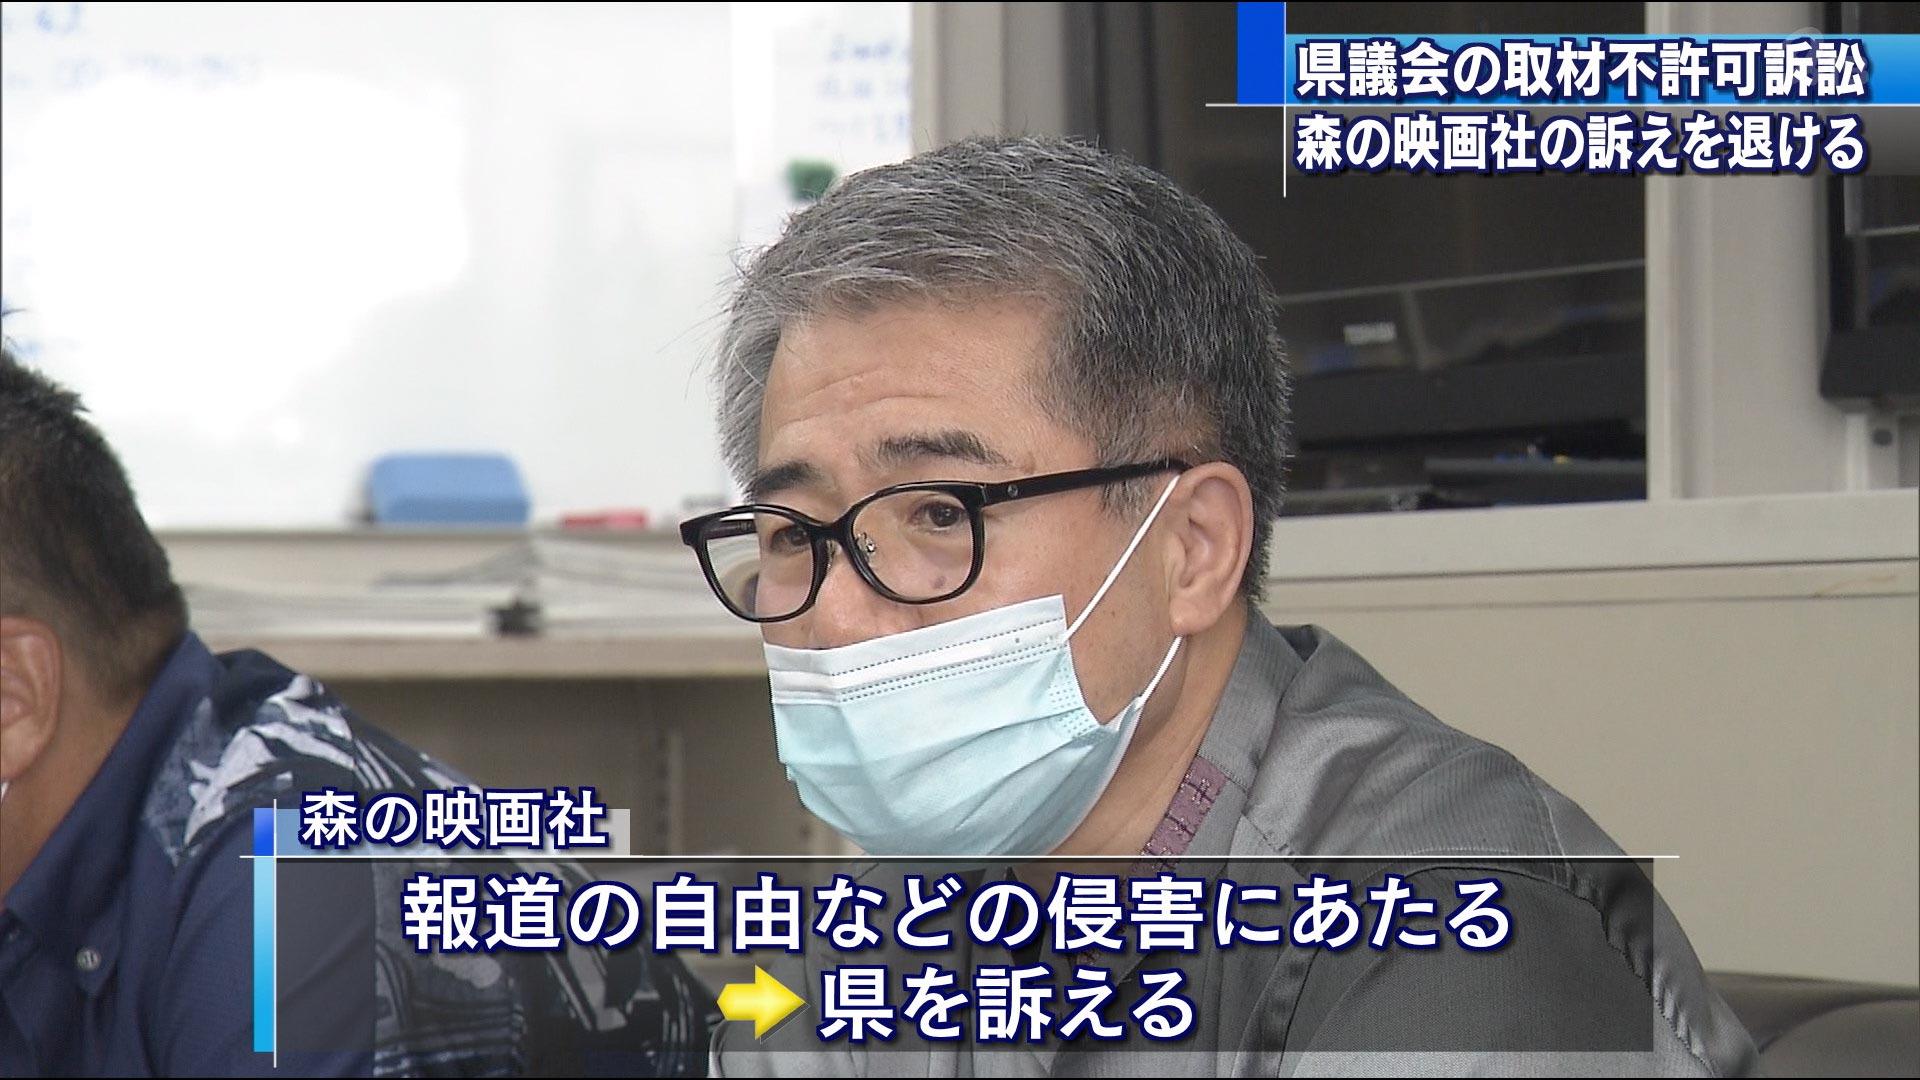 県議会取材拒否訴訟 判決